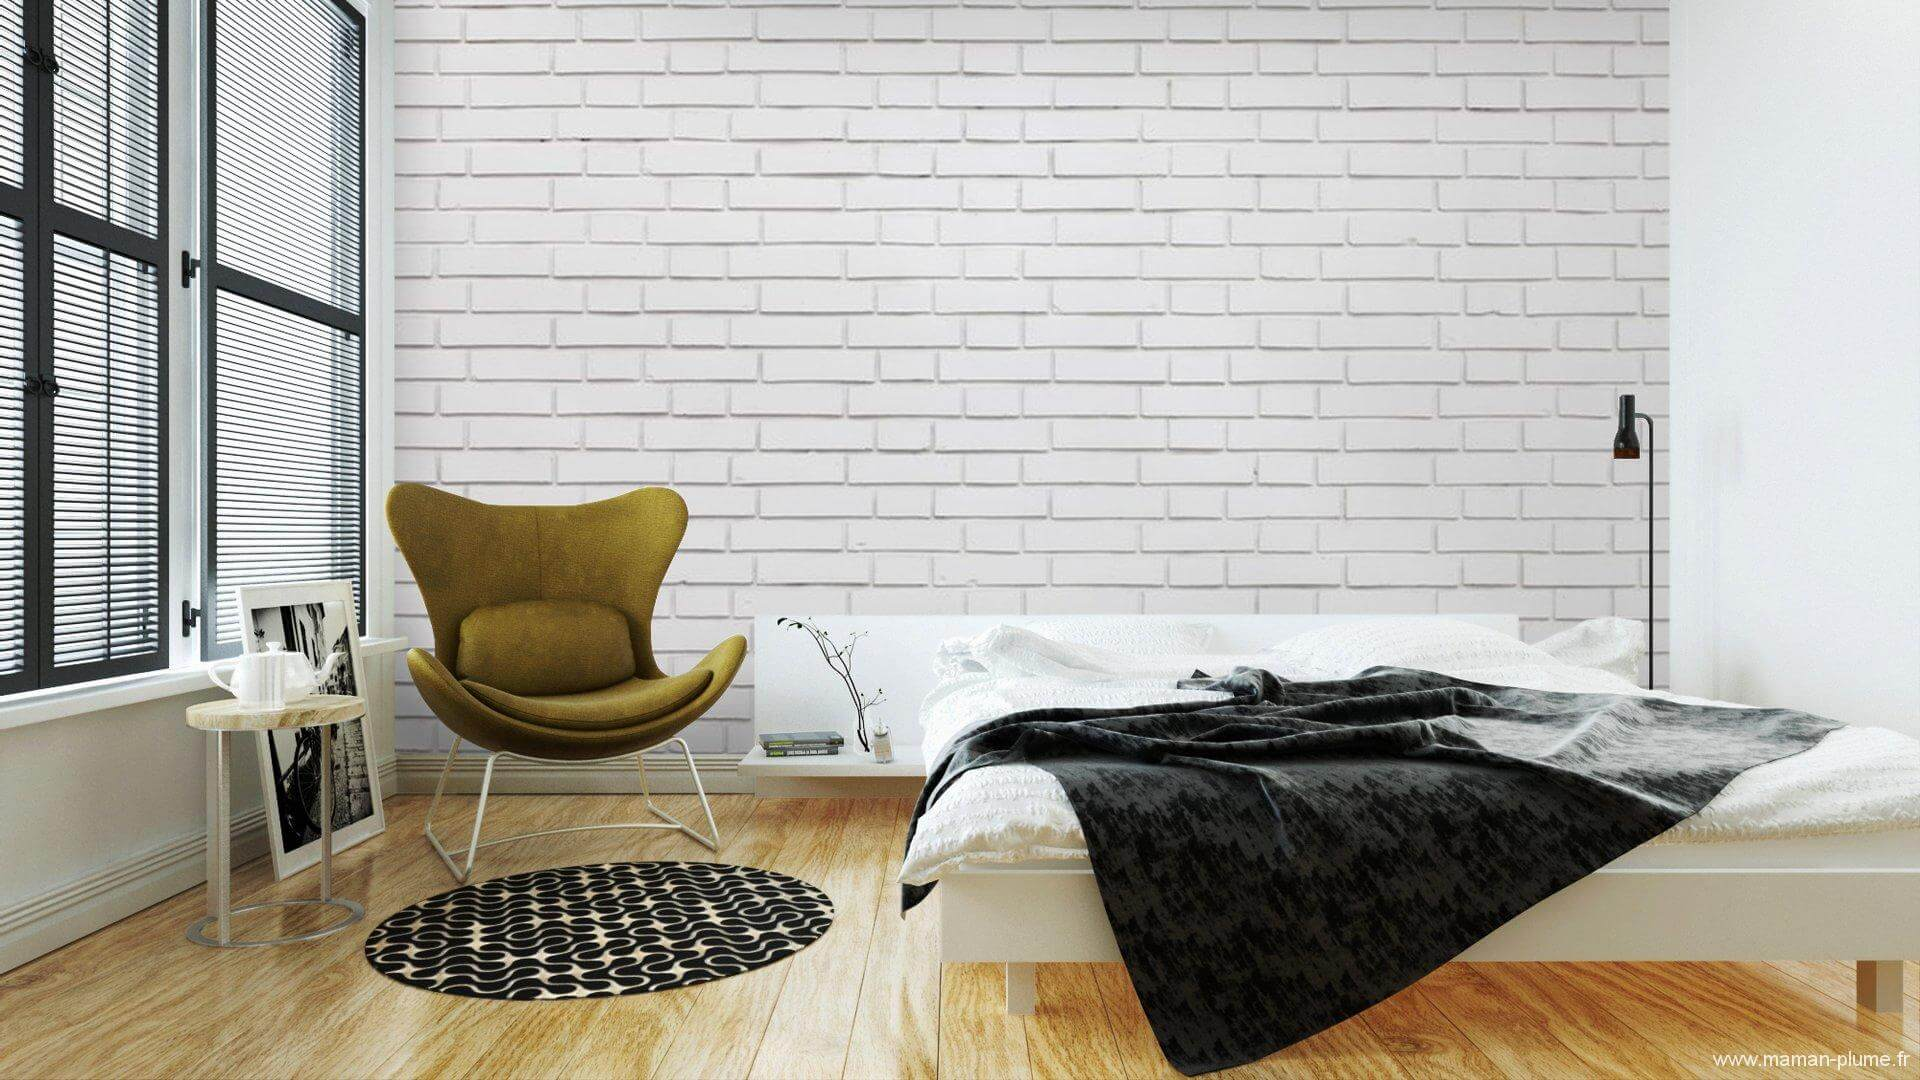 papiers-peints-autocollants-pour-chambre-a-coucher-themes-mur-brique ...